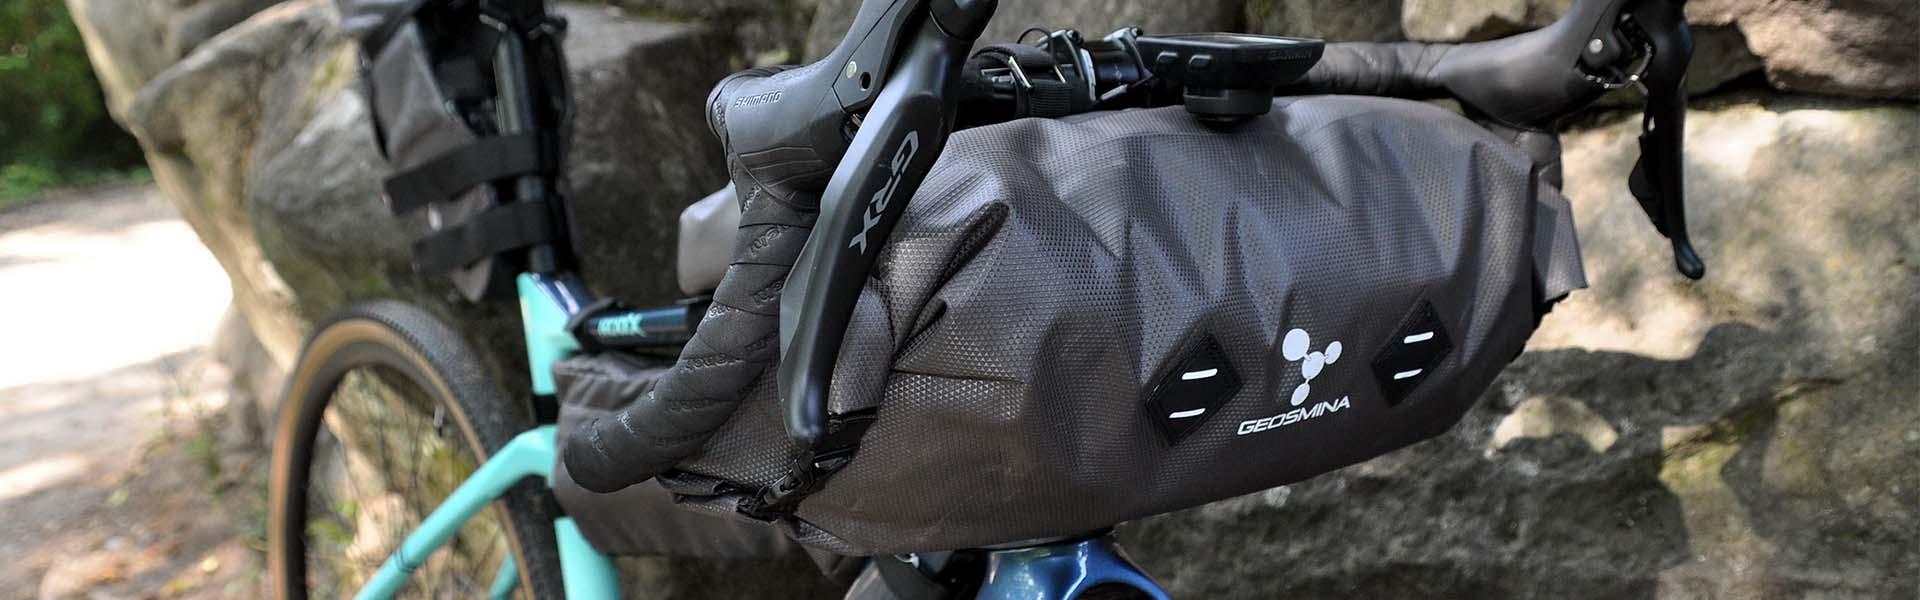 Már itthon is elérhető az ár/érték bajnok Geosmina bikepacking táska